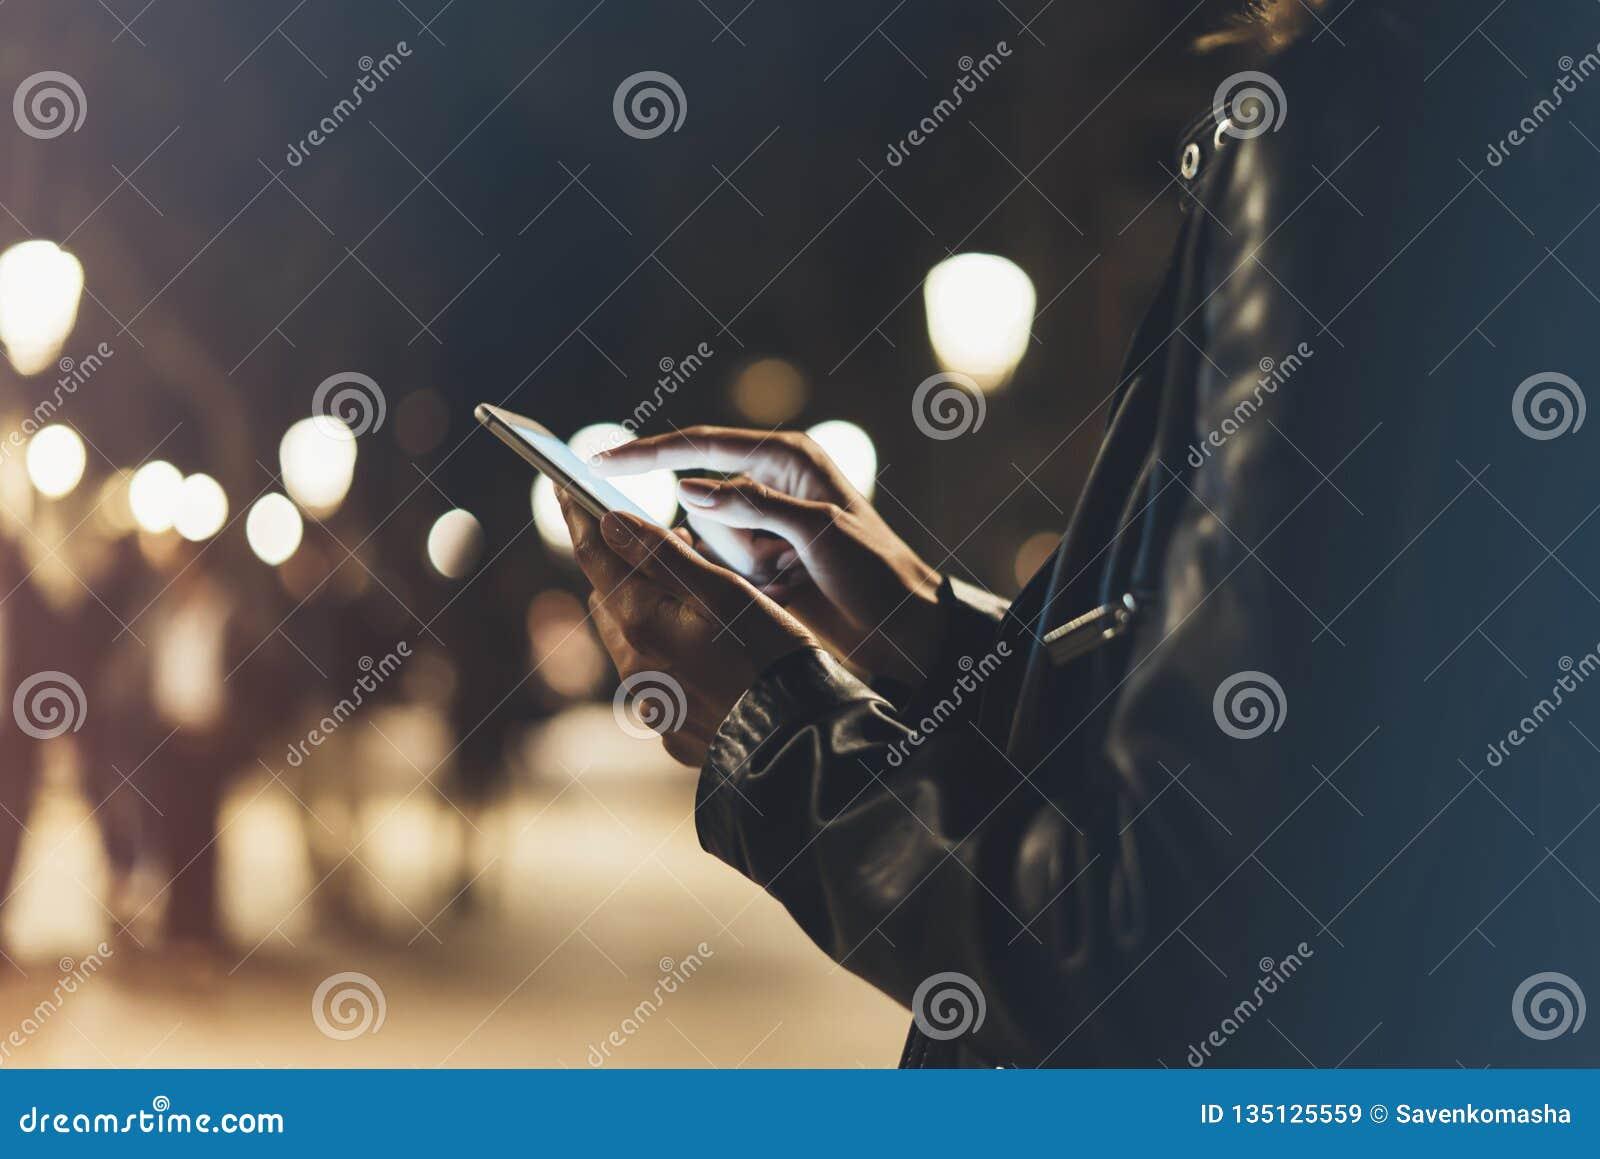 Κορίτσι που δείχνει το δάχτυλο στο έξυπνο τηλέφωνο οθόνης στο φως χρώματος φωτισμού υποβάθρου στην ατμοσφαιρική πόλη νύχτας, hips